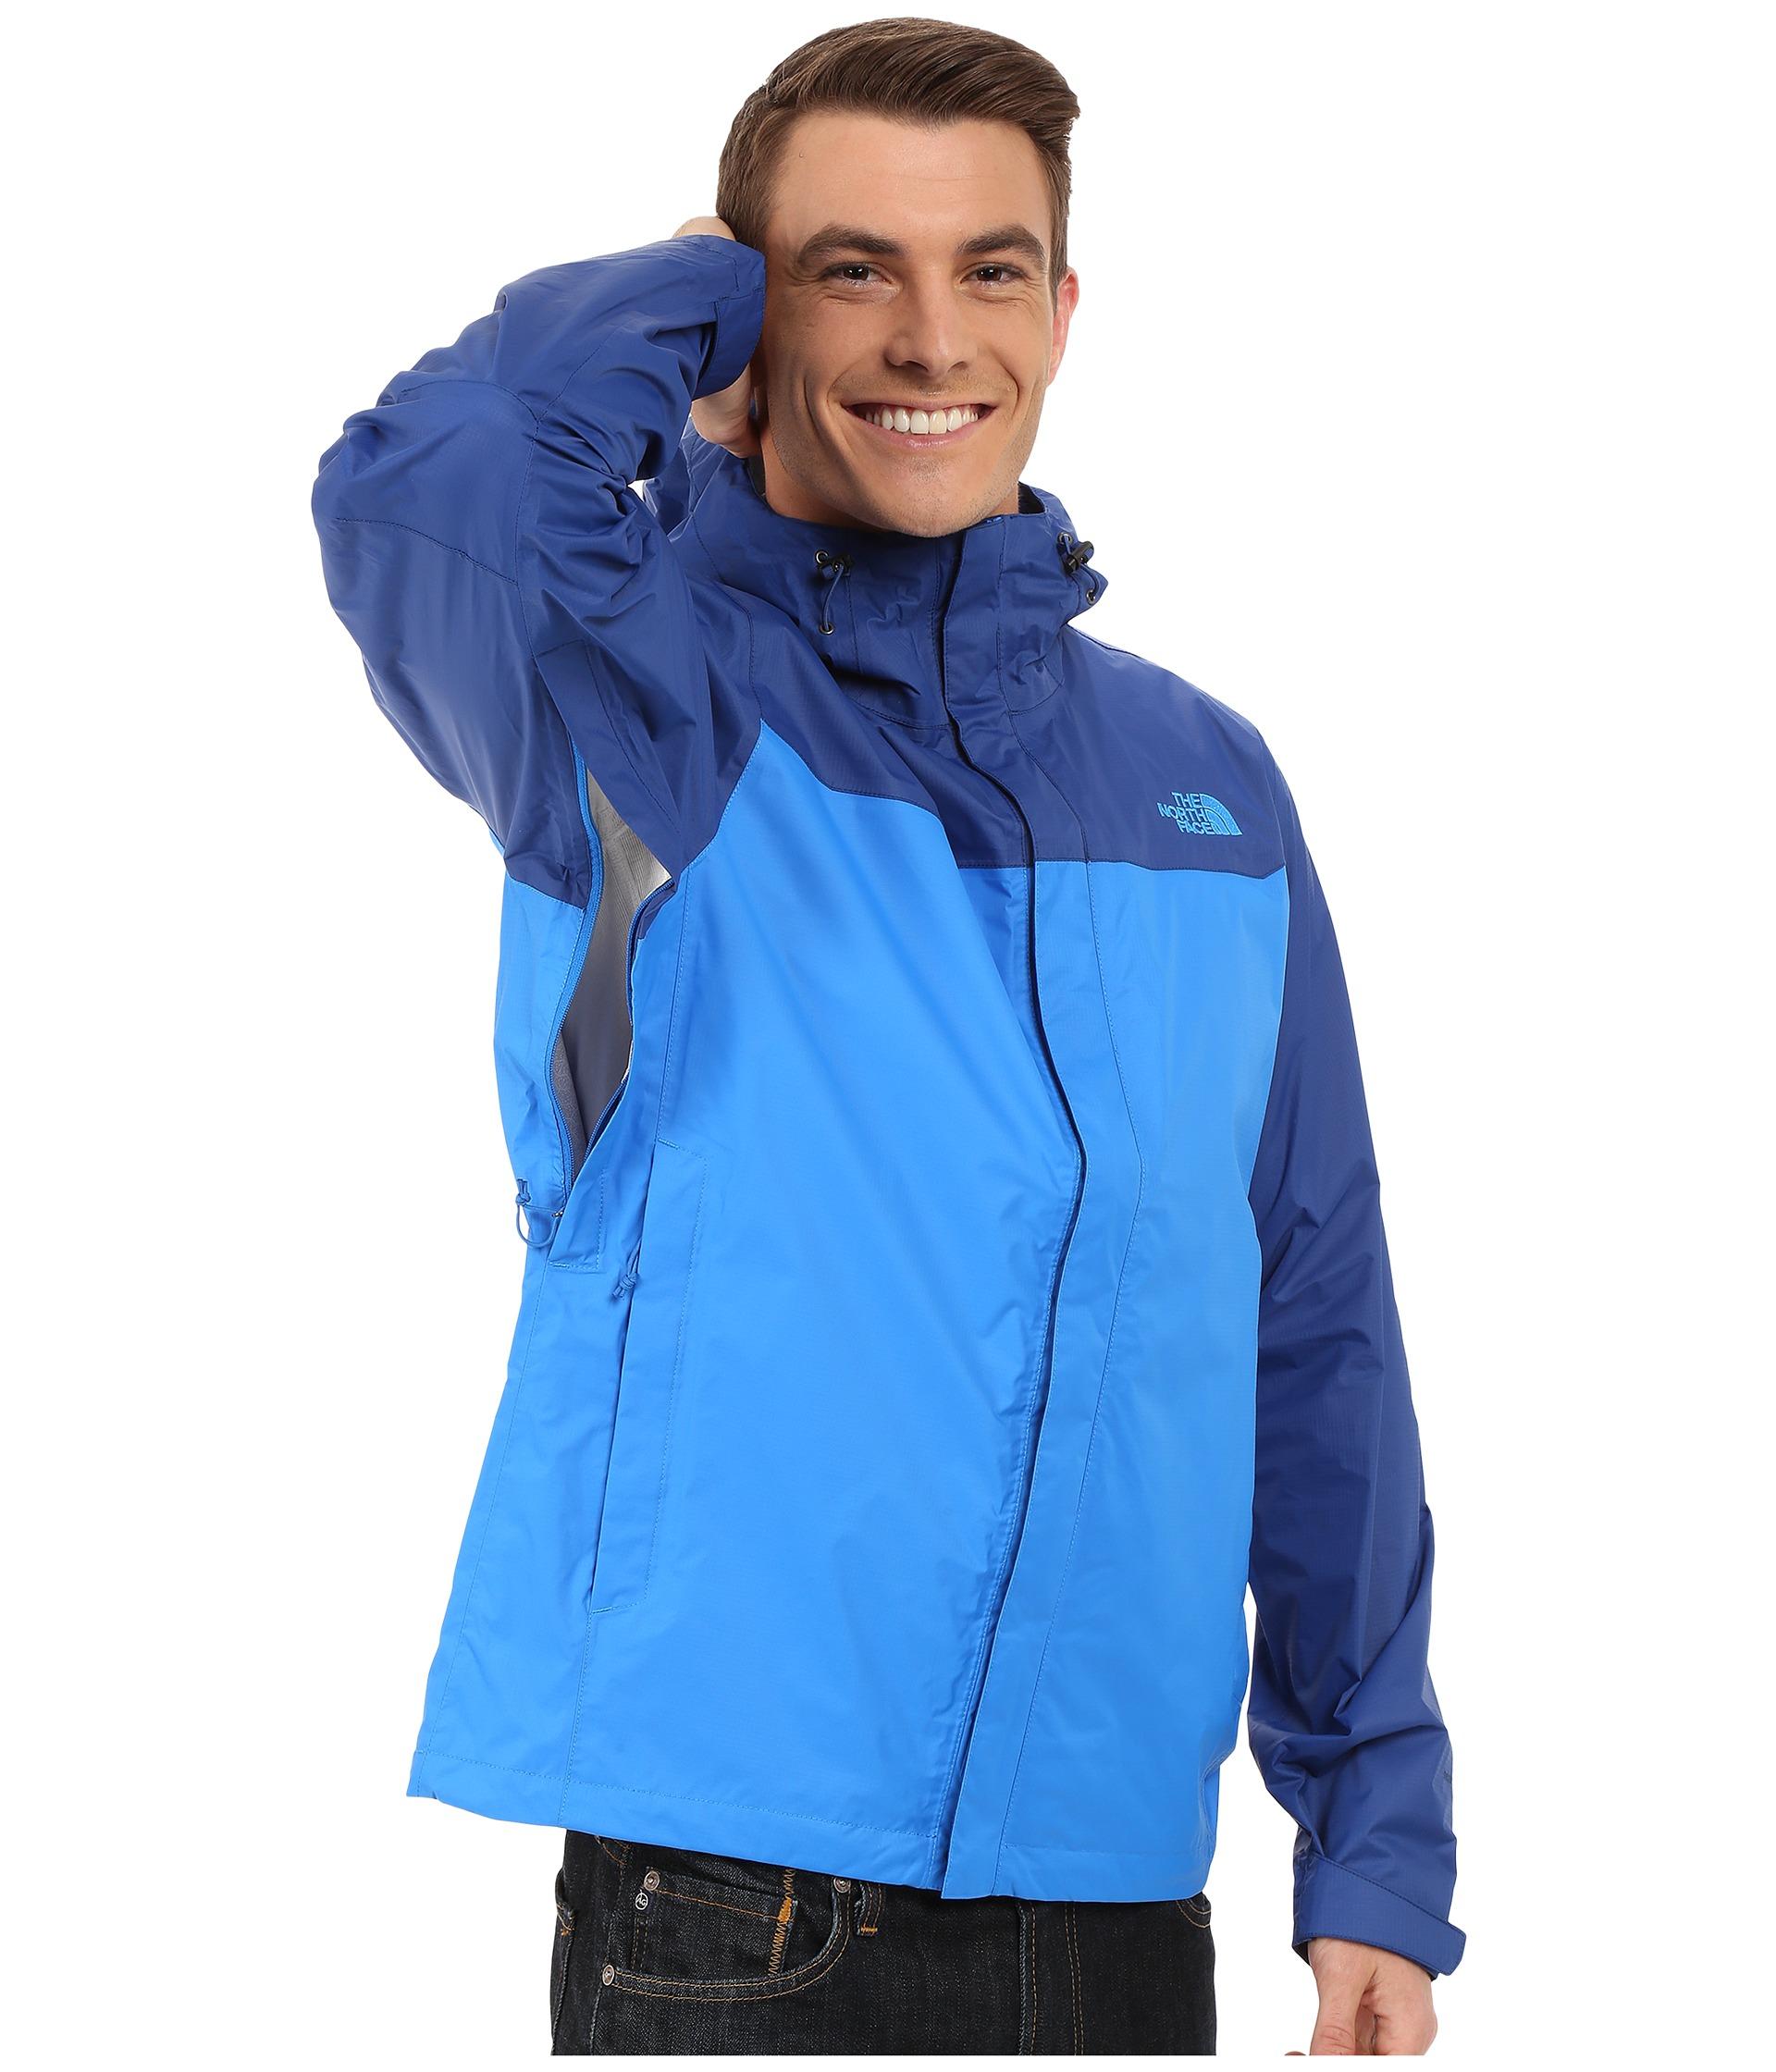 a0e854da8 best price north face venture jacket blue 849e9 0640a